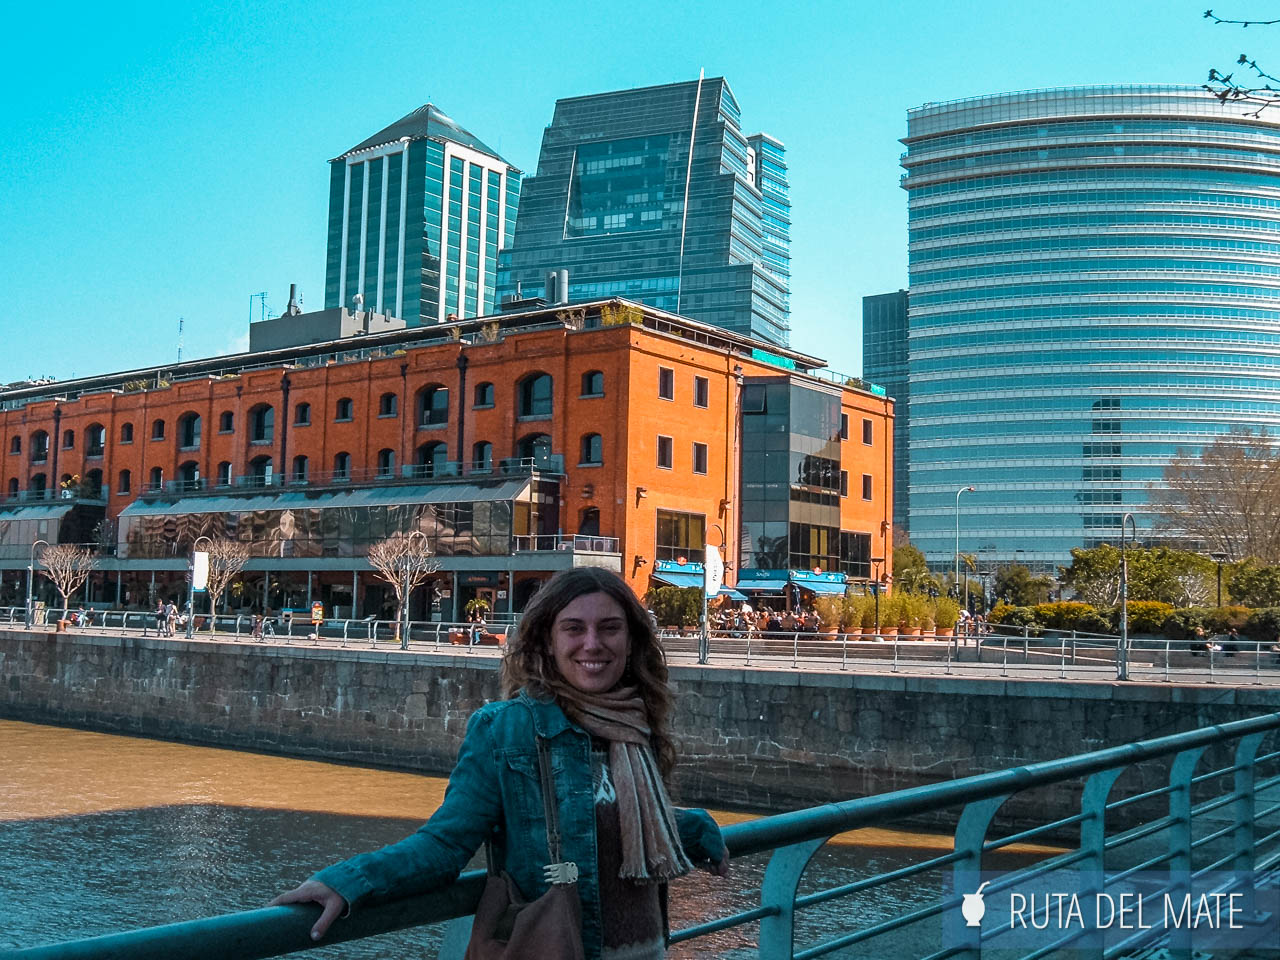 que hacer en Puerto Madero